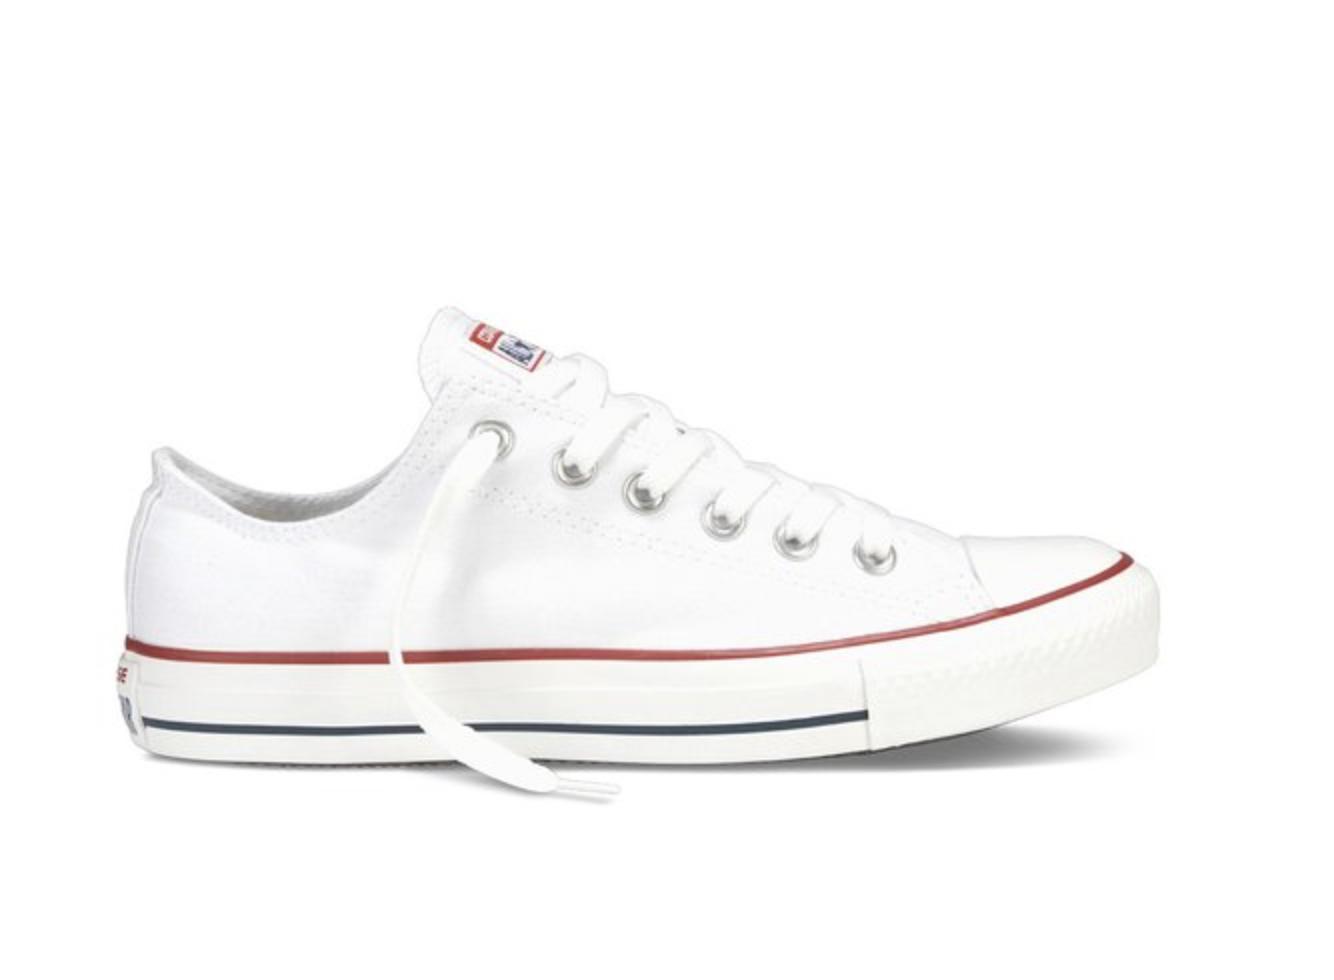 Converse Shoes Sneaker Damen Weiß All Star Chuck Taylor | Schuhe ...